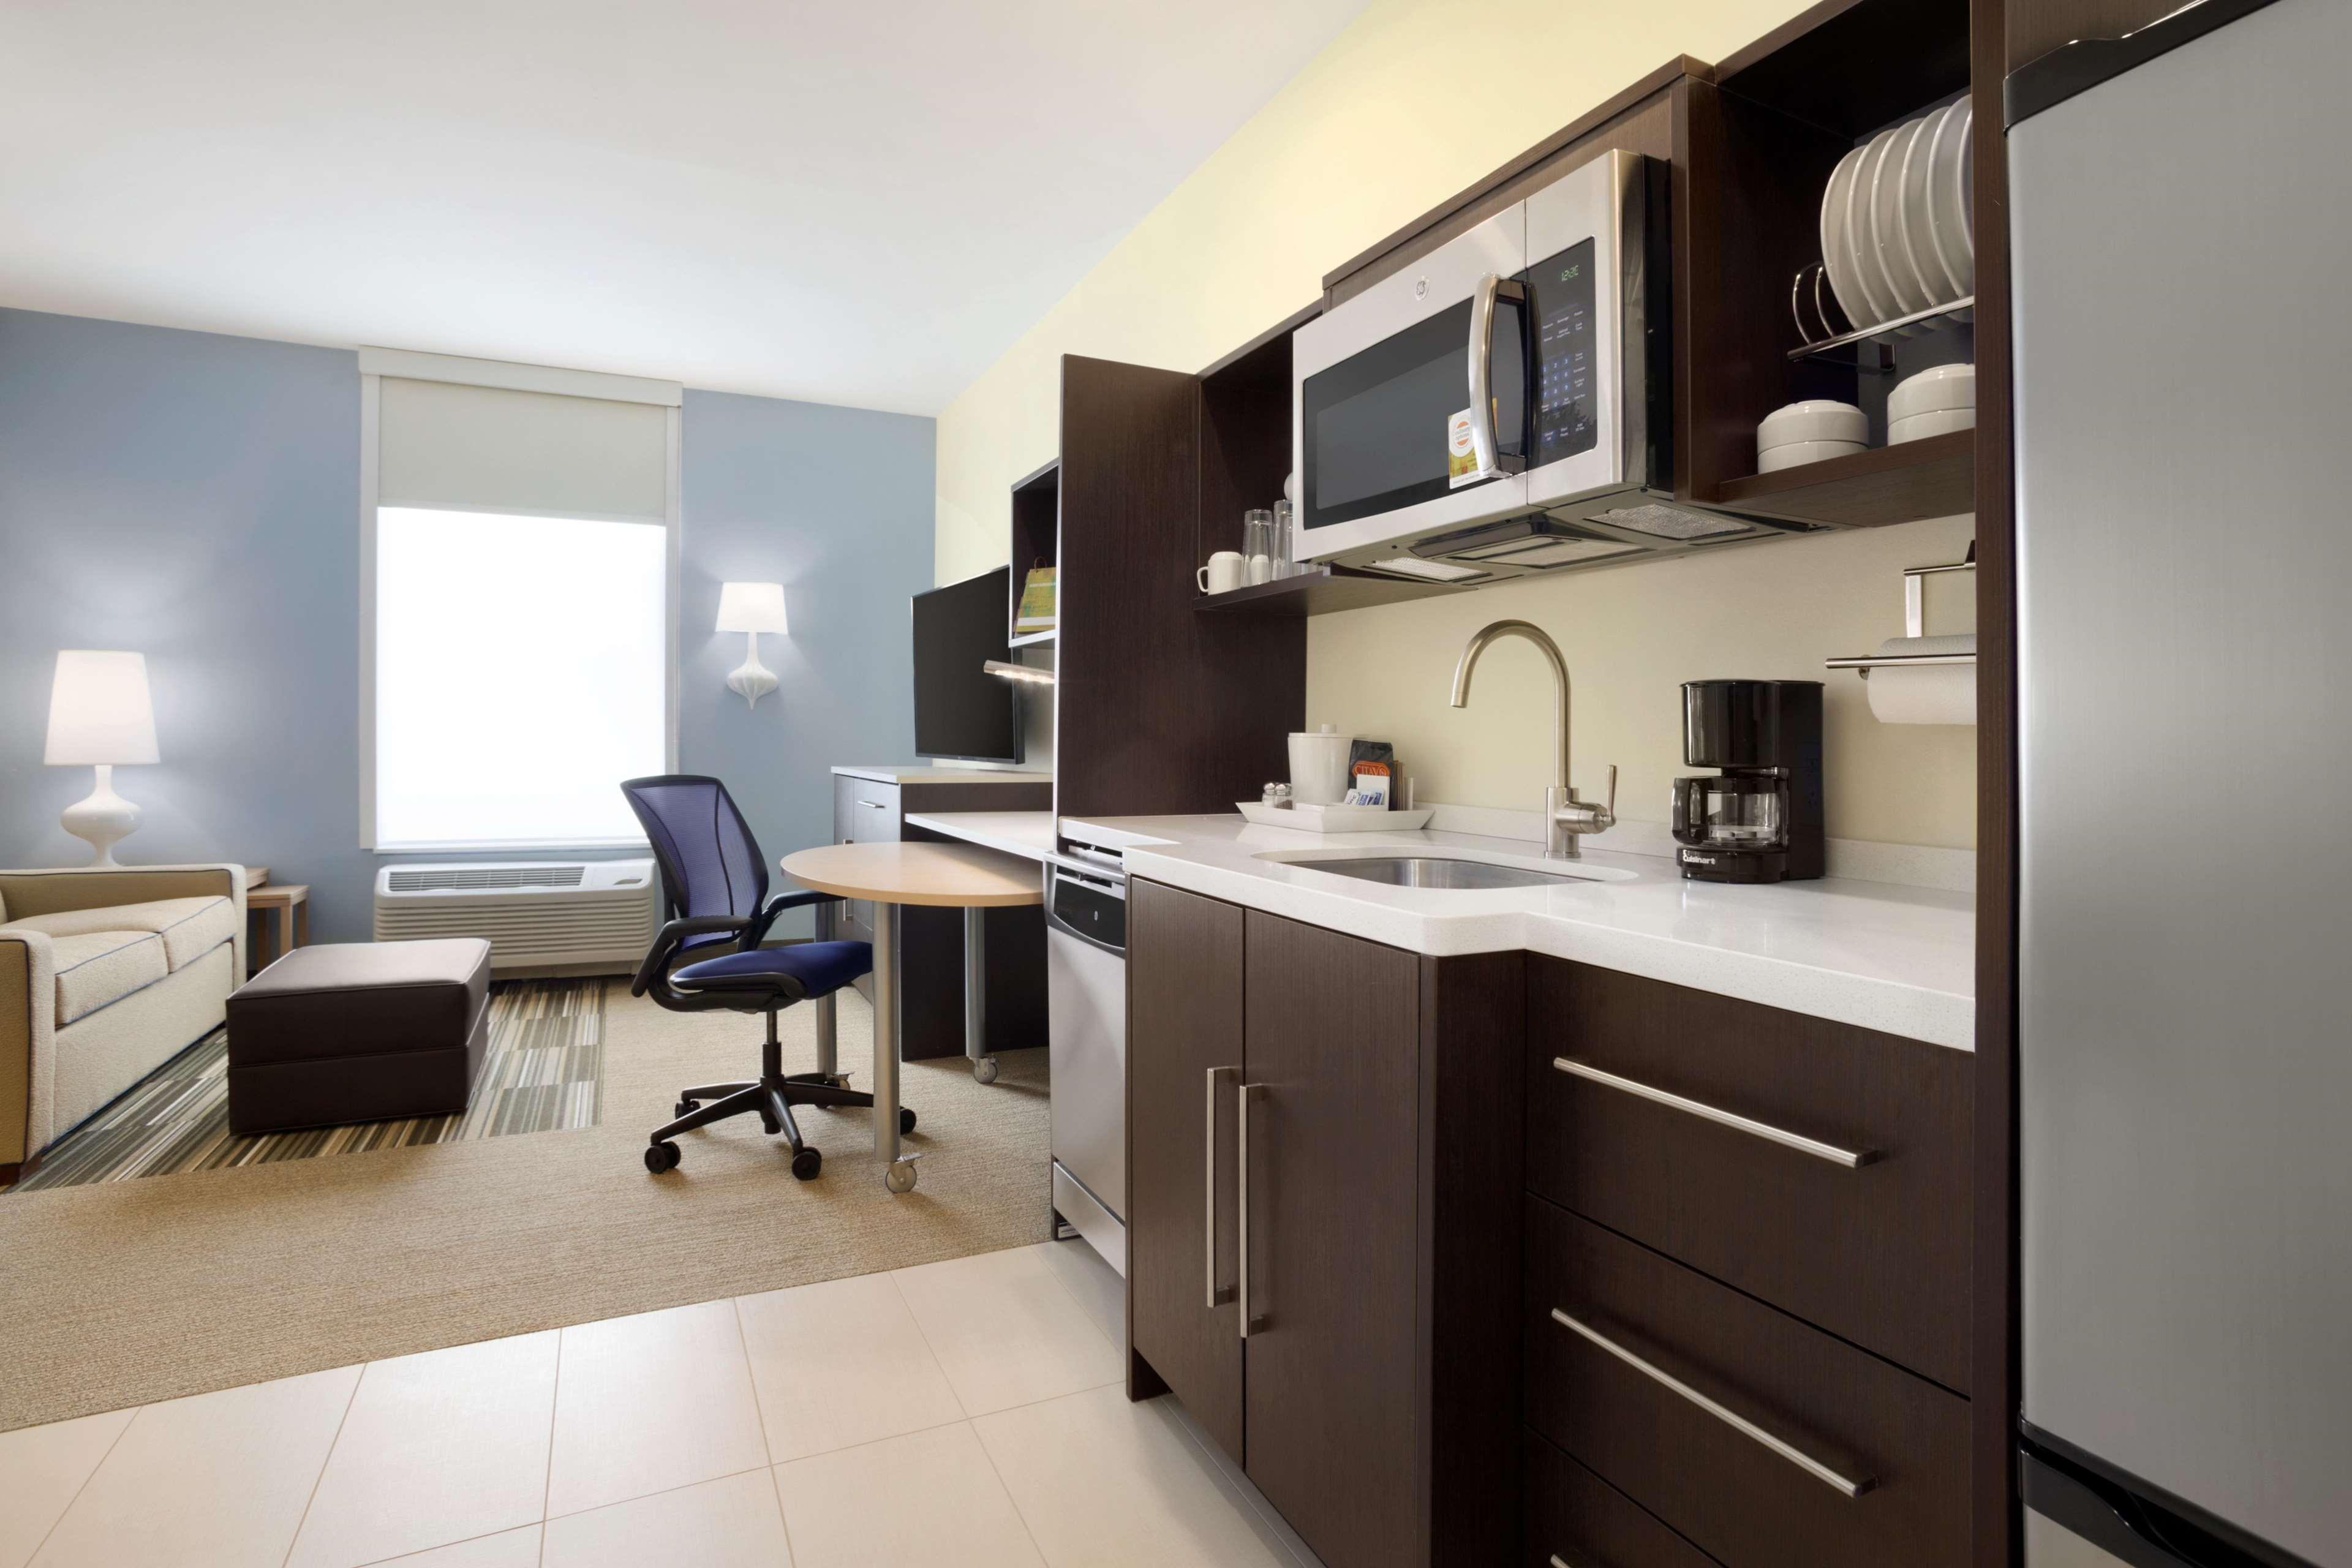 Home2 Suites by Hilton McAllen image 34